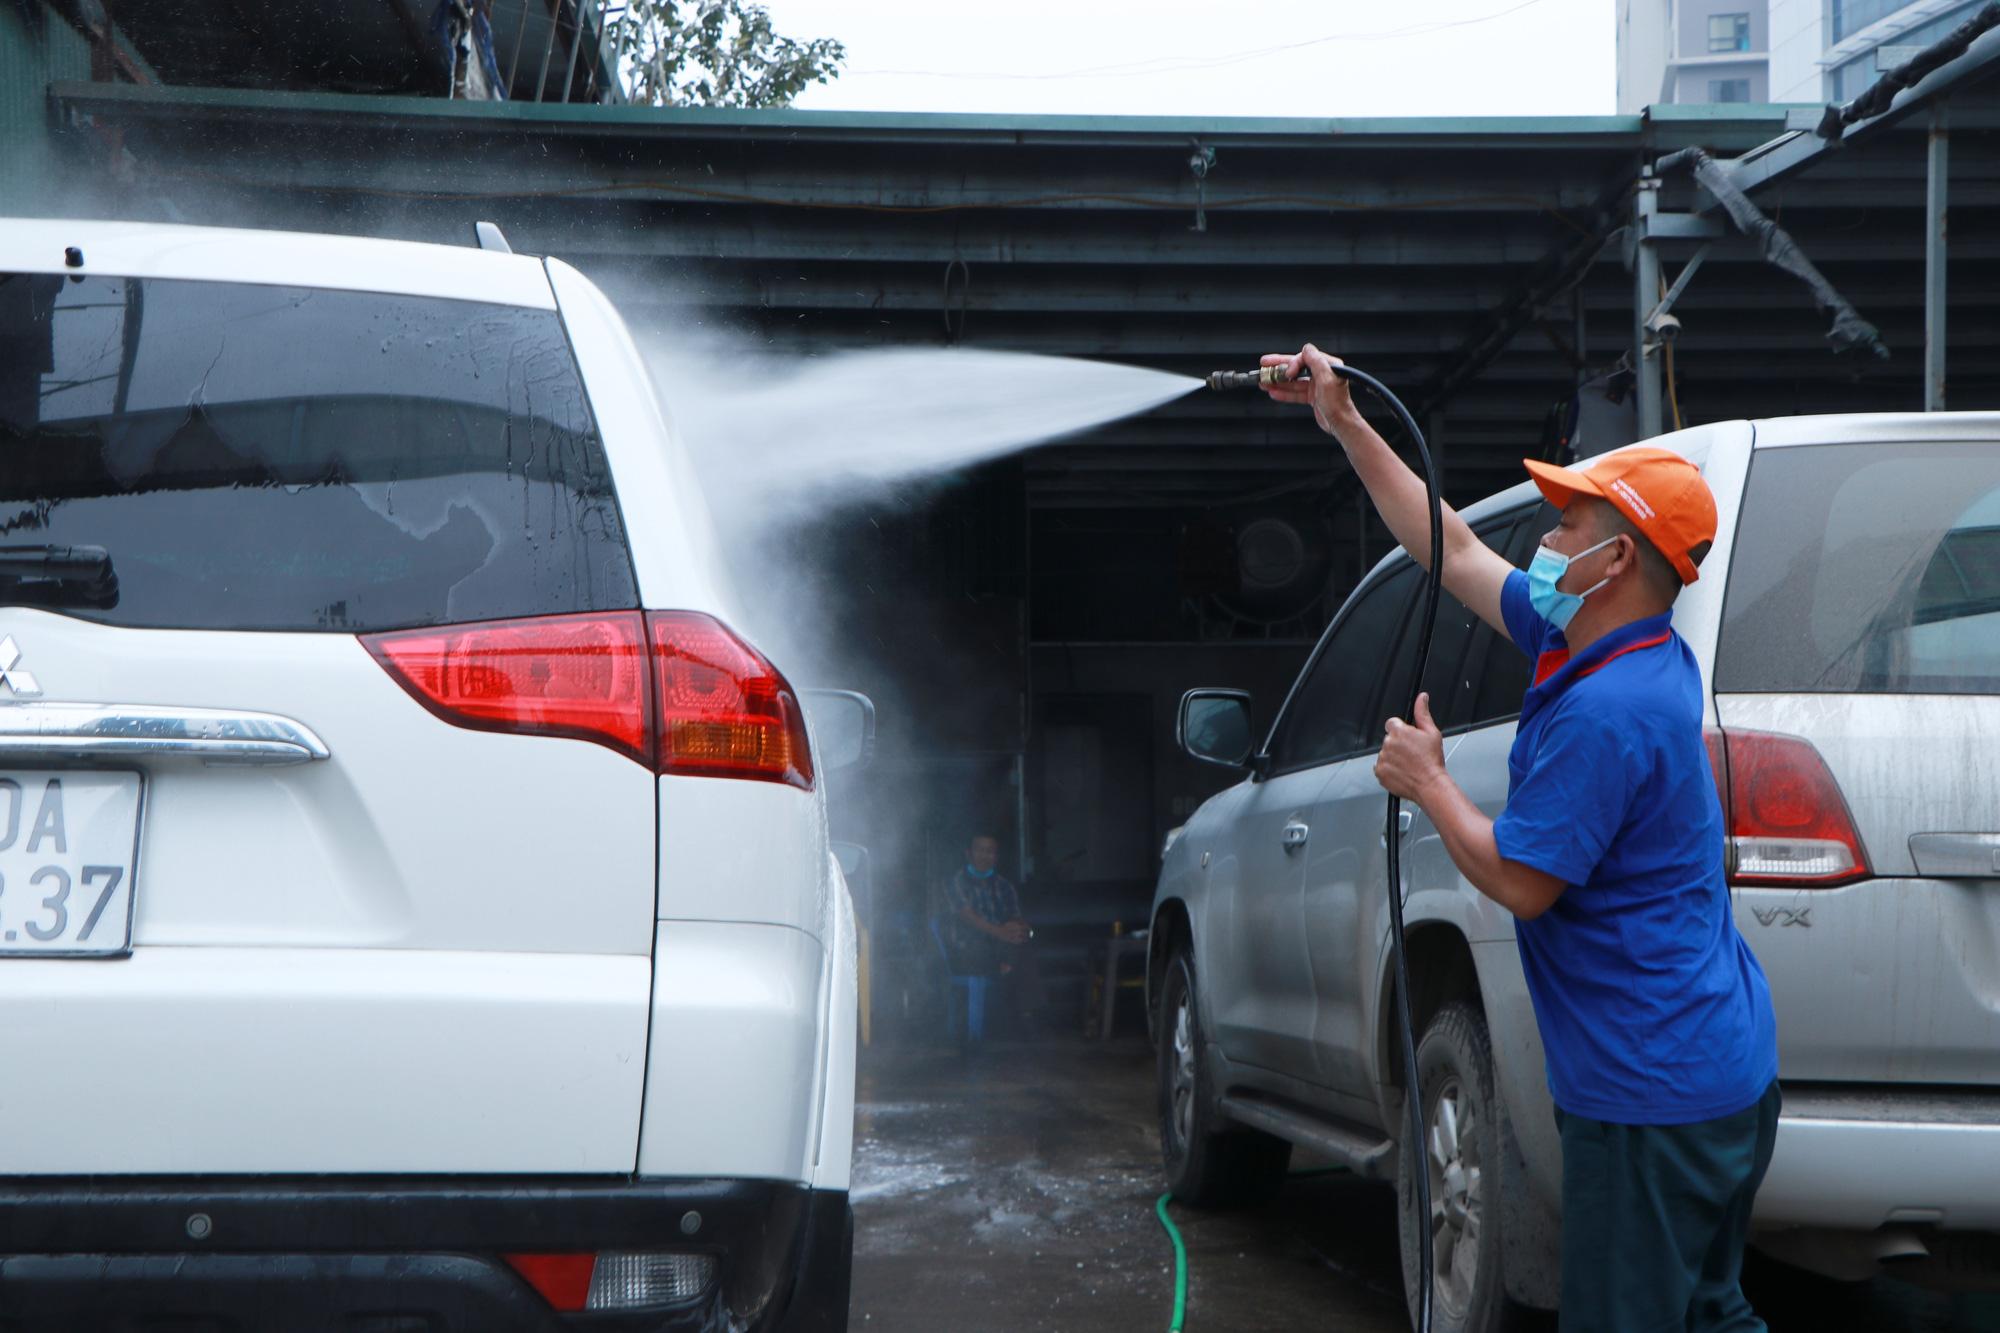 """Dịch vụ rửa xe, dọn nội thất ô tô """"hốt bạc"""" ngày cận Tết, nhân viên quay cuồng từ sáng tới đêm - Ảnh 5."""